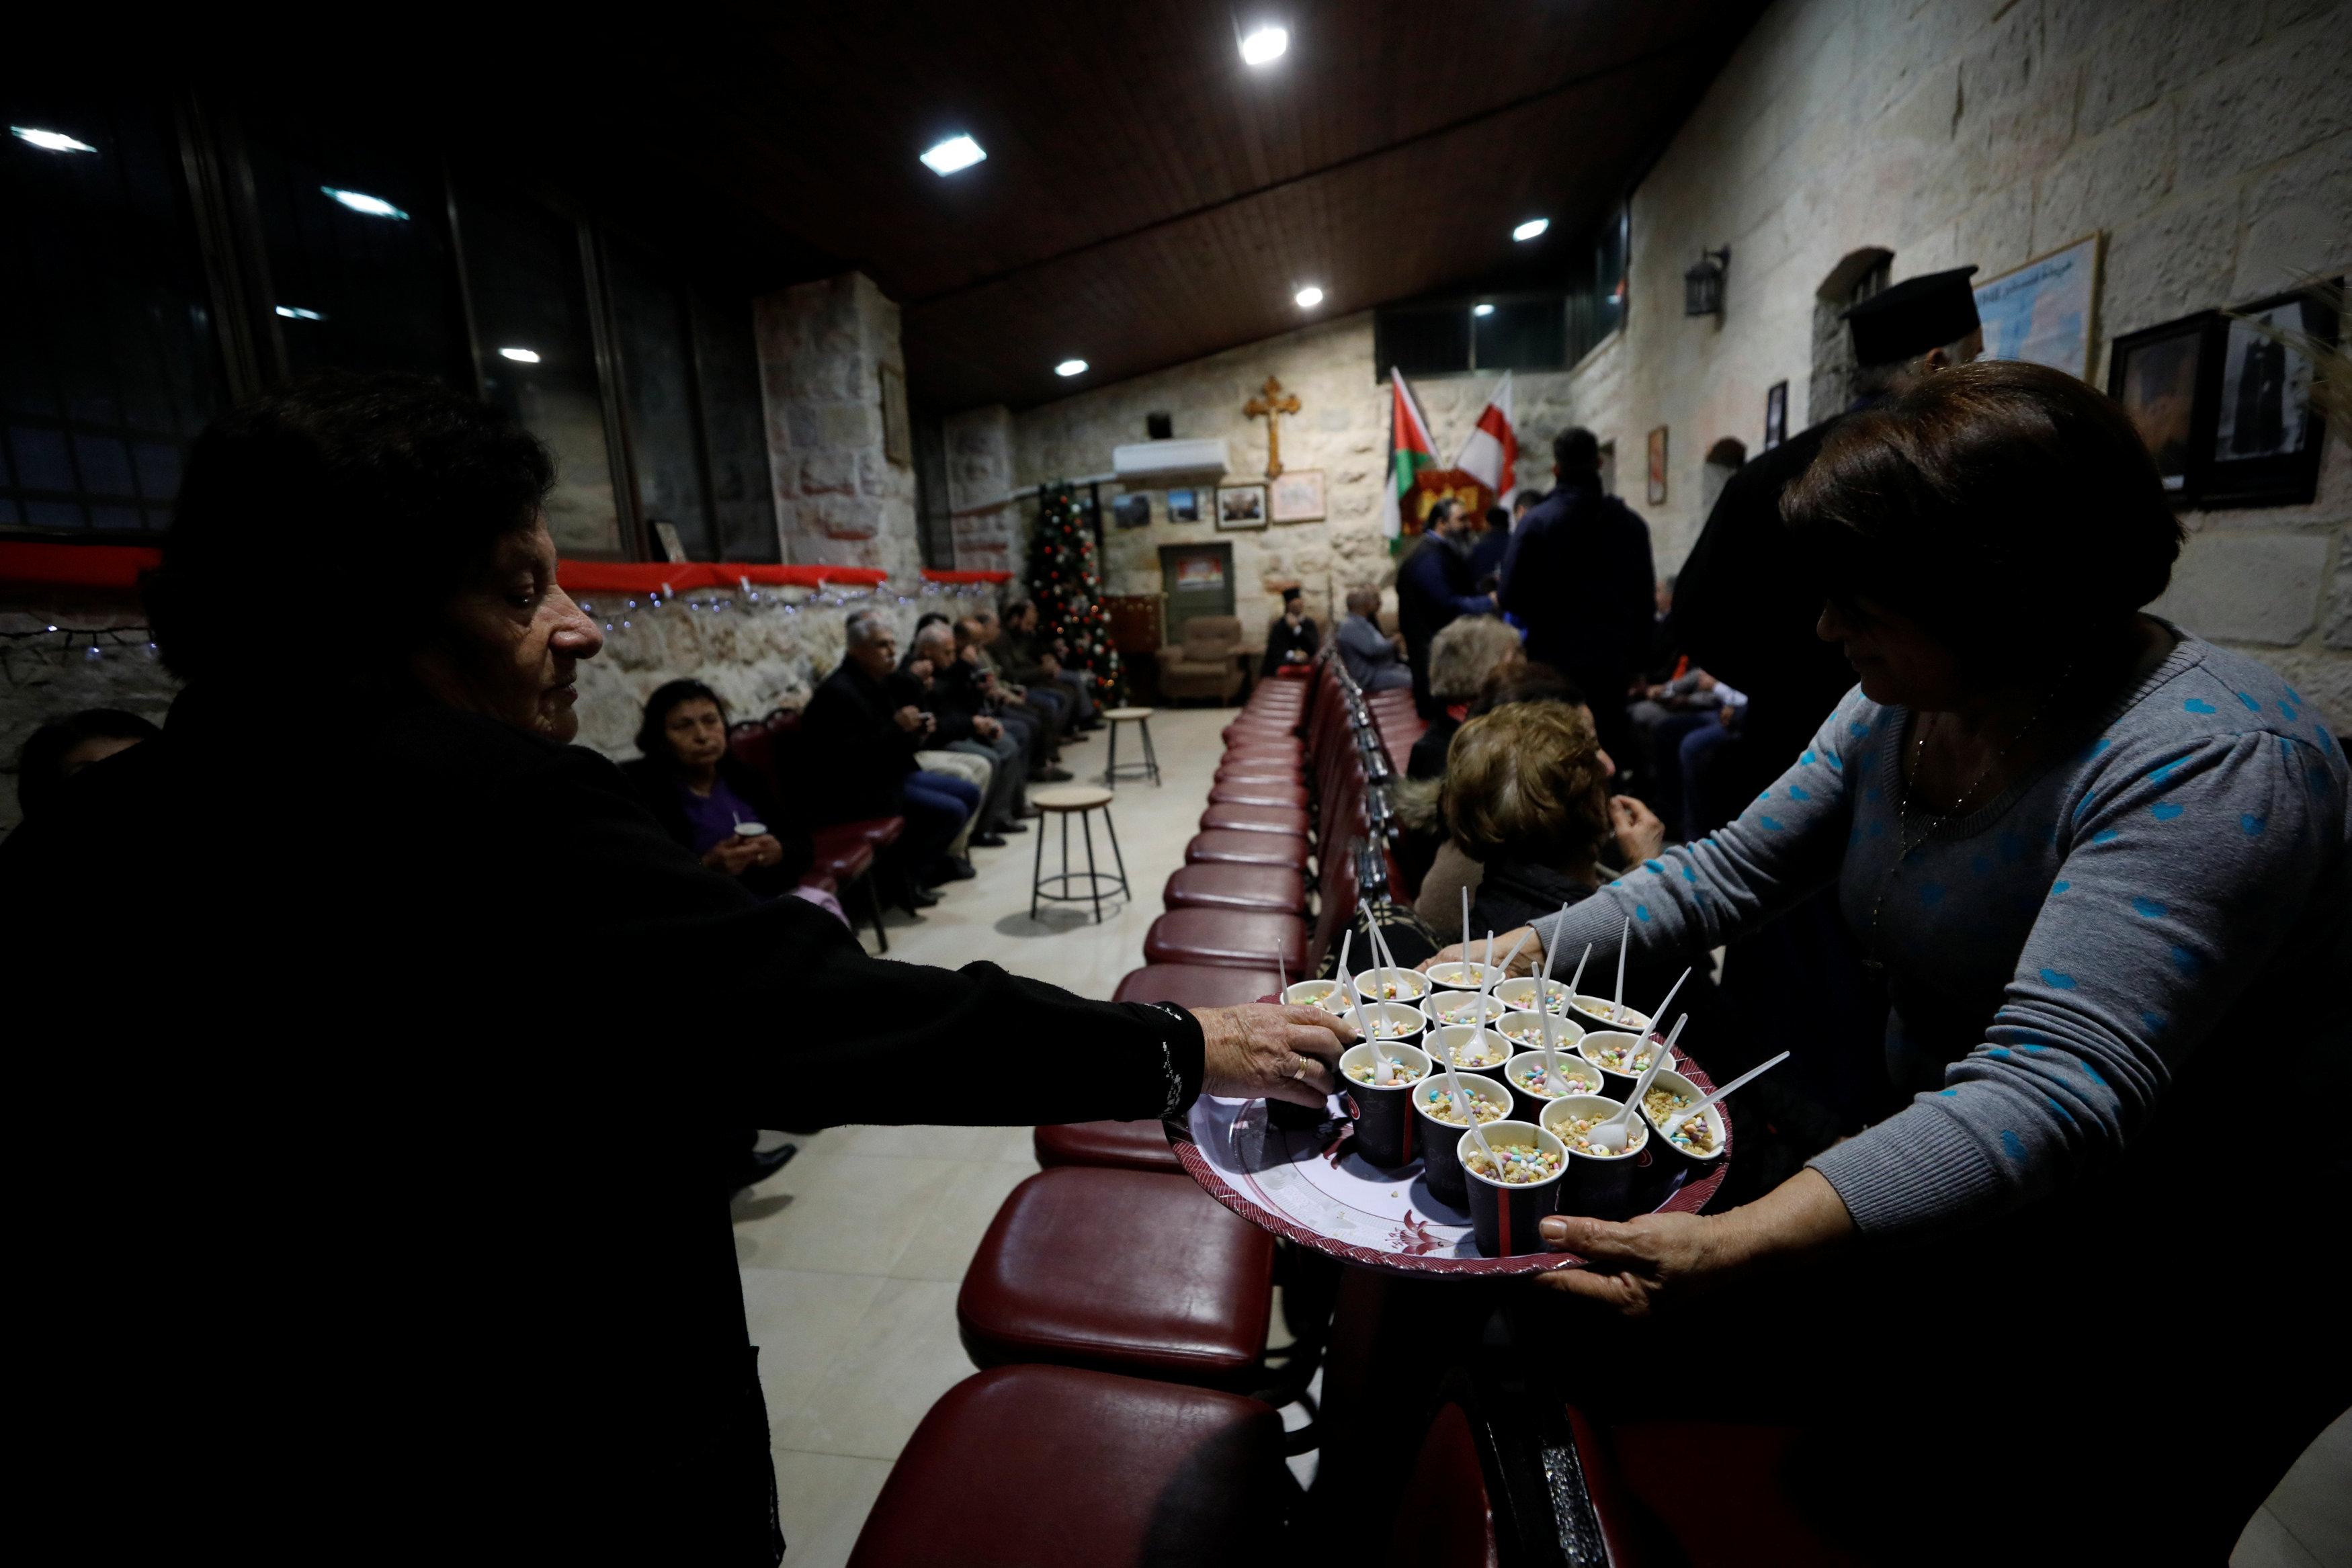 فلسطينيون يوزعون مأكولات تقليدية خاصة بالمناسبة